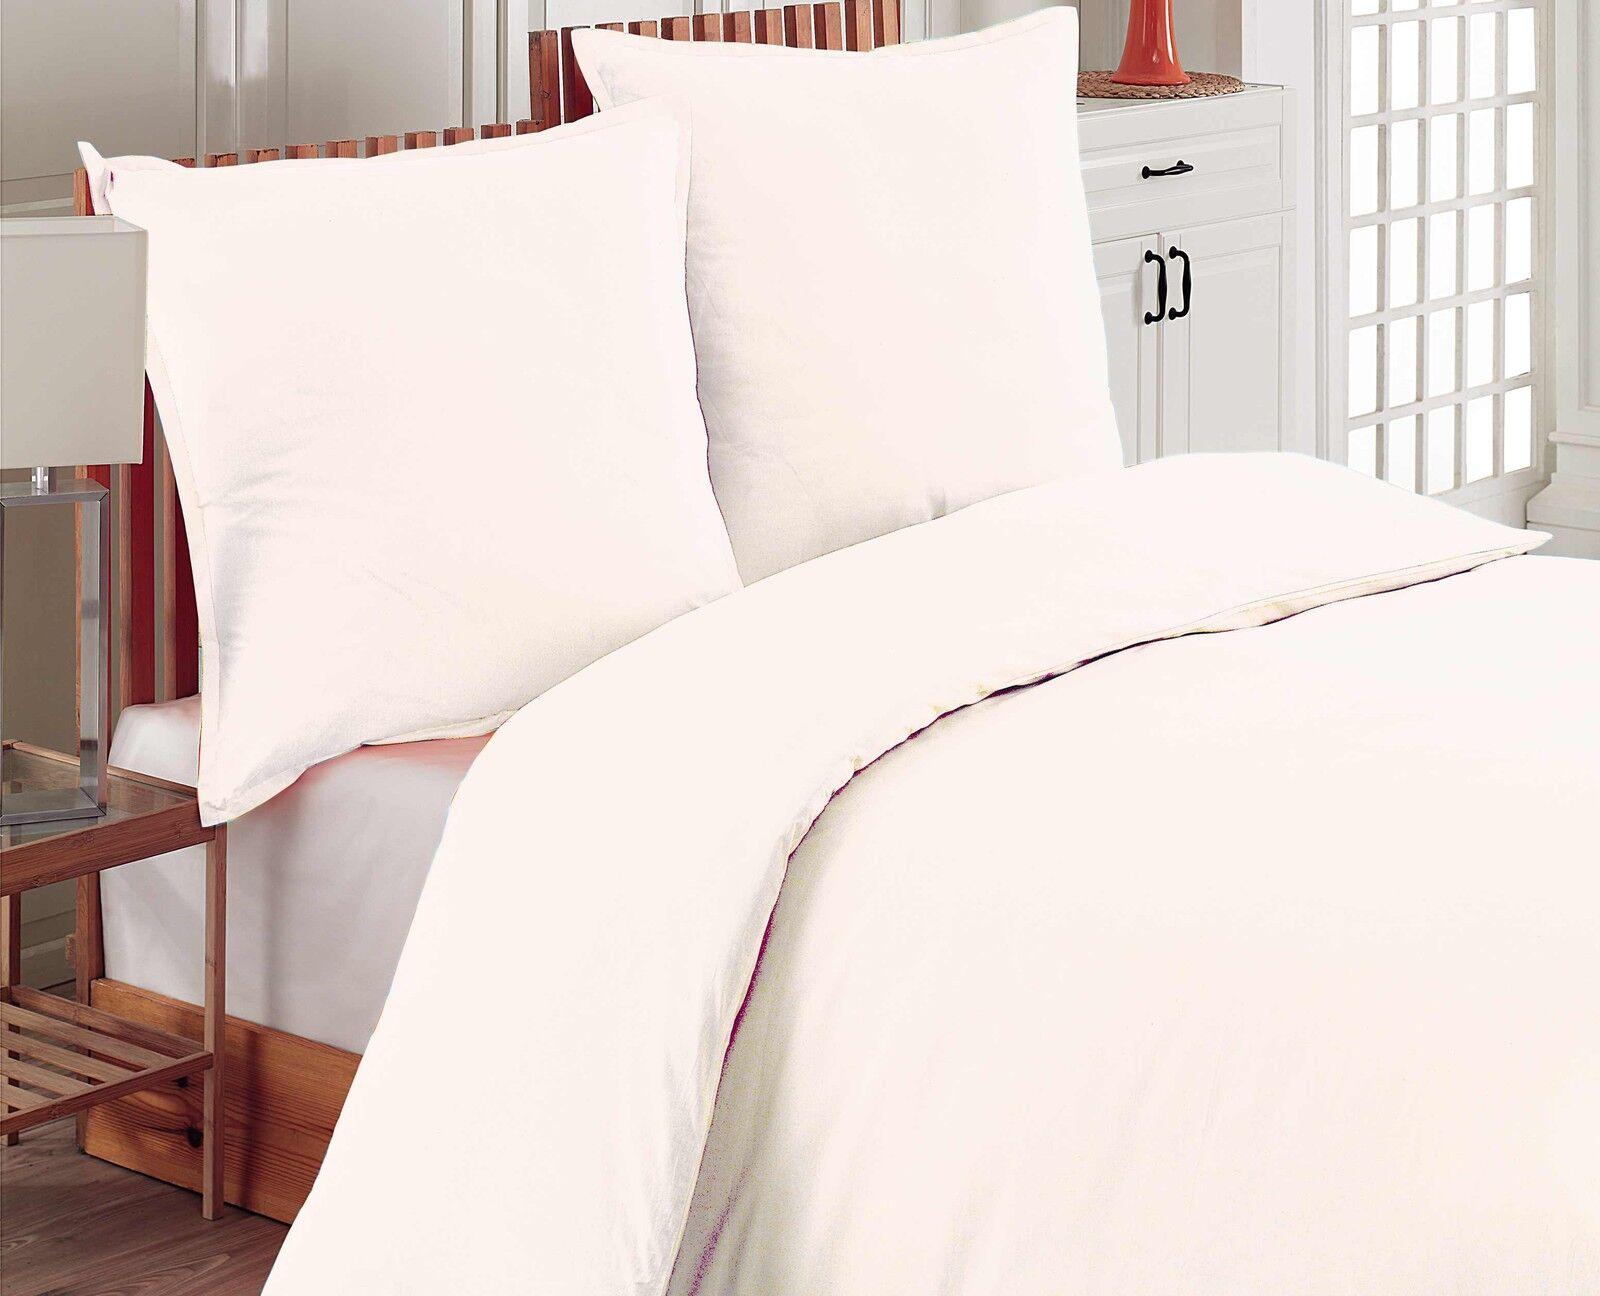 Bettwäsche 220x240 cm Bettgarnitur Bettbezug Baumwolle Kissen 6 tlg UNI WEISS